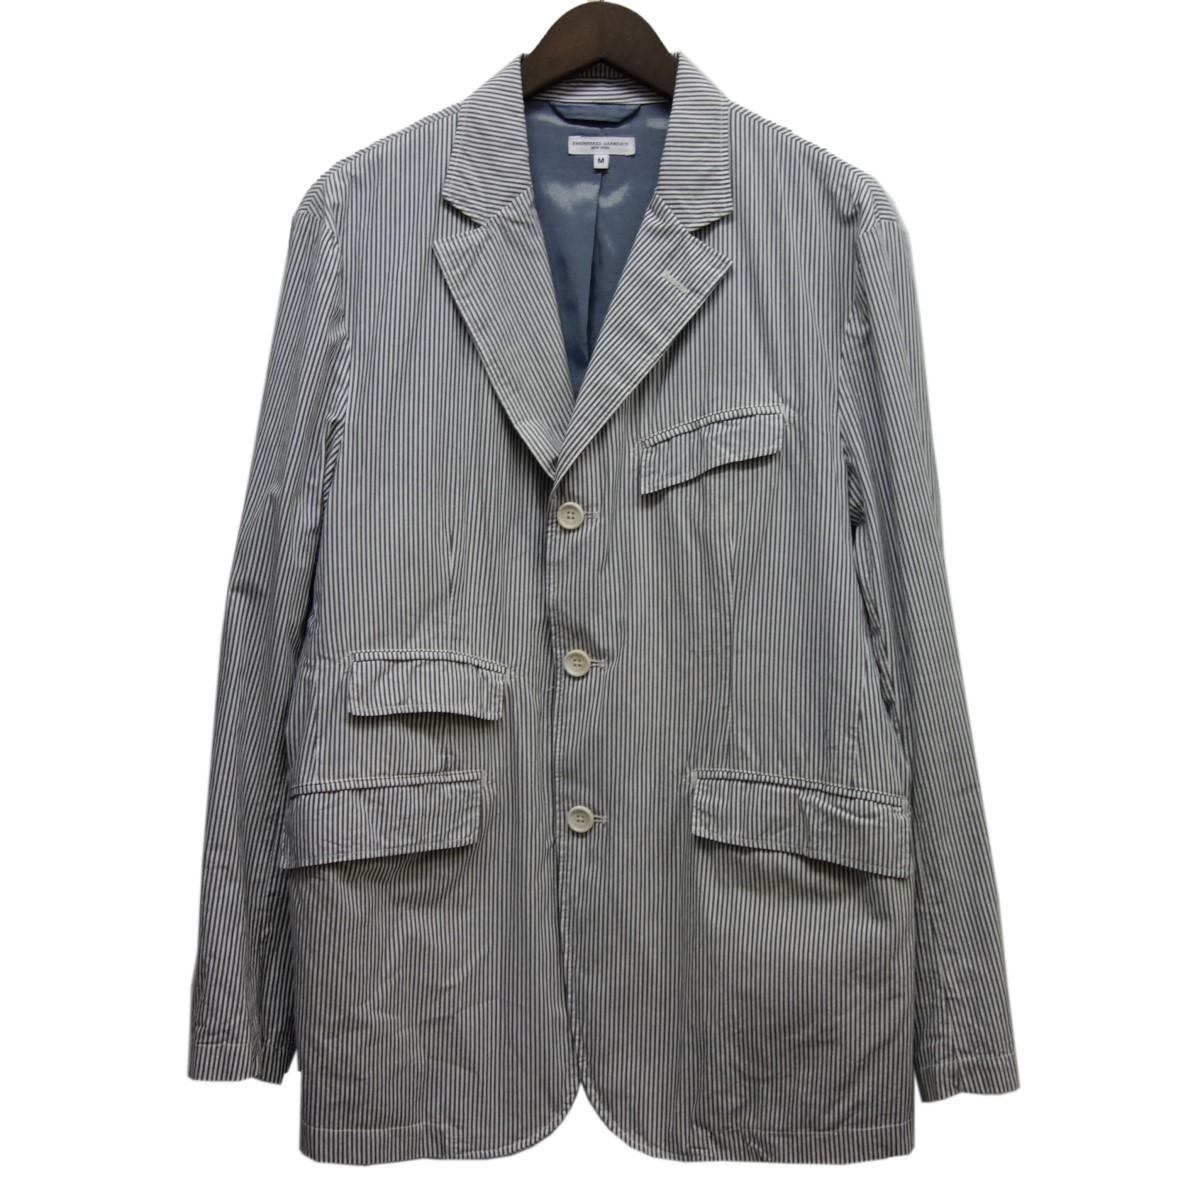 【中古】Engineered Garments 「Andover Jacket」アンドーバージャケット ホワイト×ライトグレー サイズ:M 【020520】(エンジニアードガーメンツ)